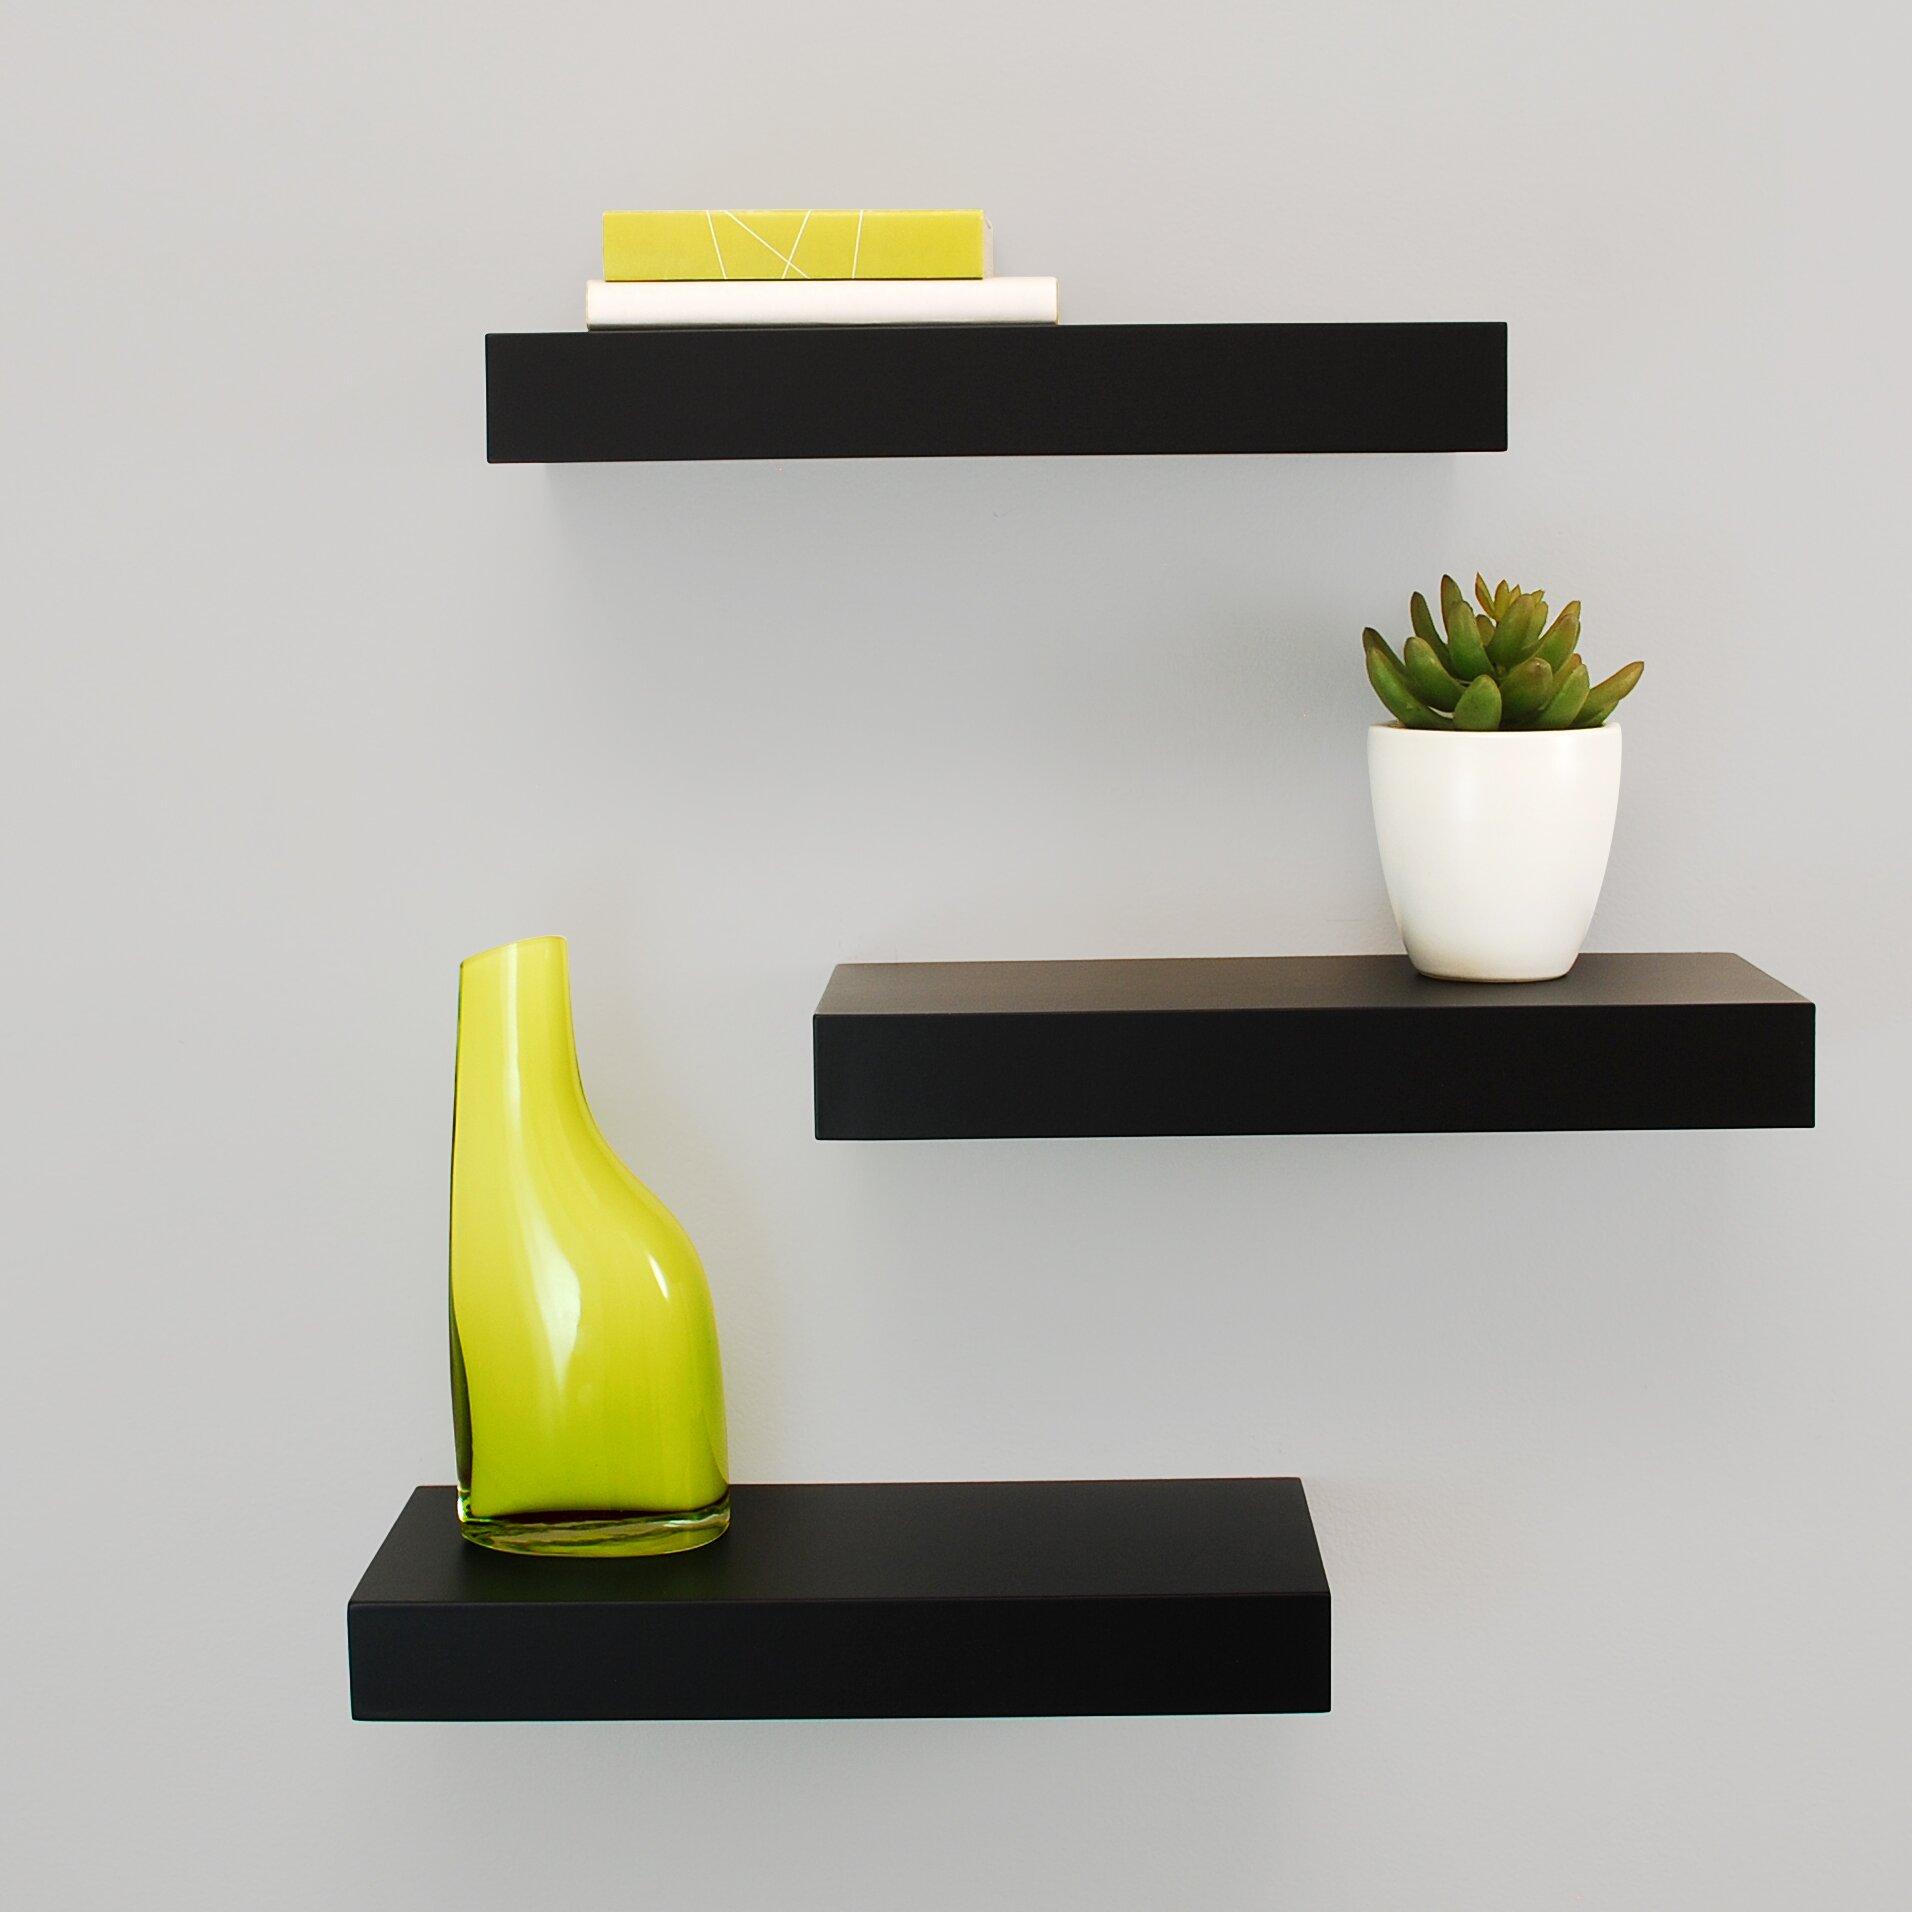 Nexxt Design Maine Floating Wall Shelf Reviews Wayfair